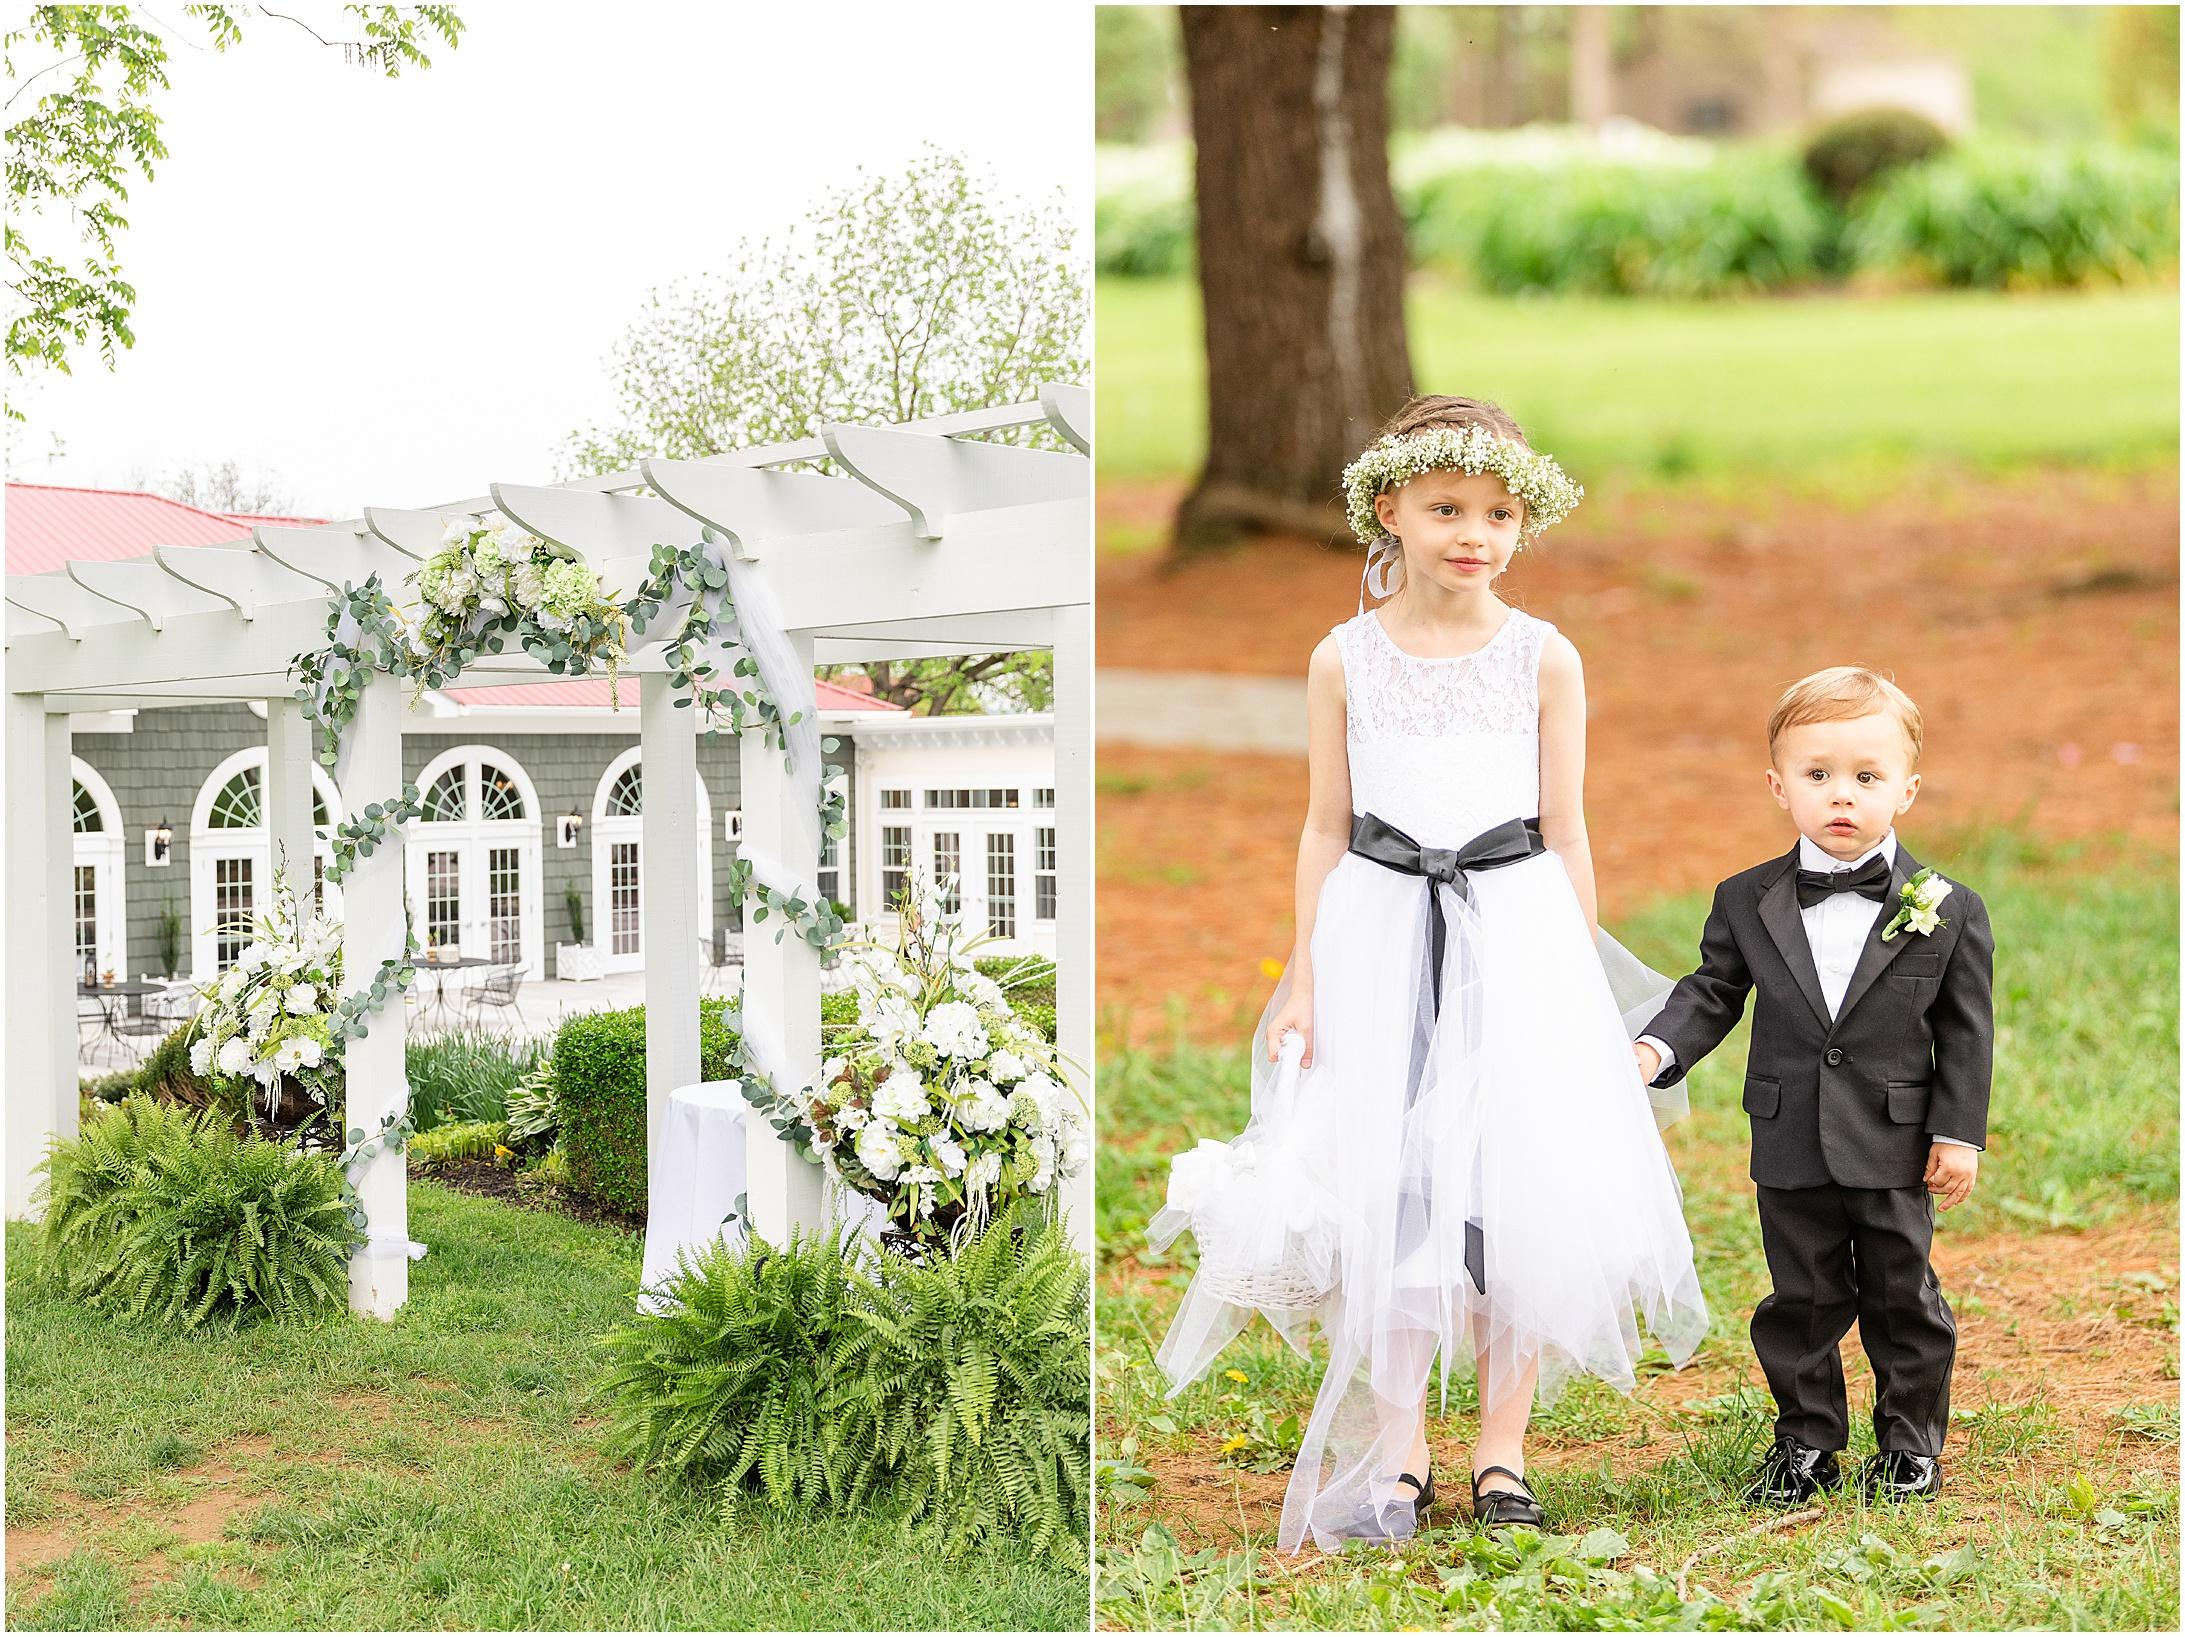 Stone-manor-country-club-wedding-photos-147.jpg